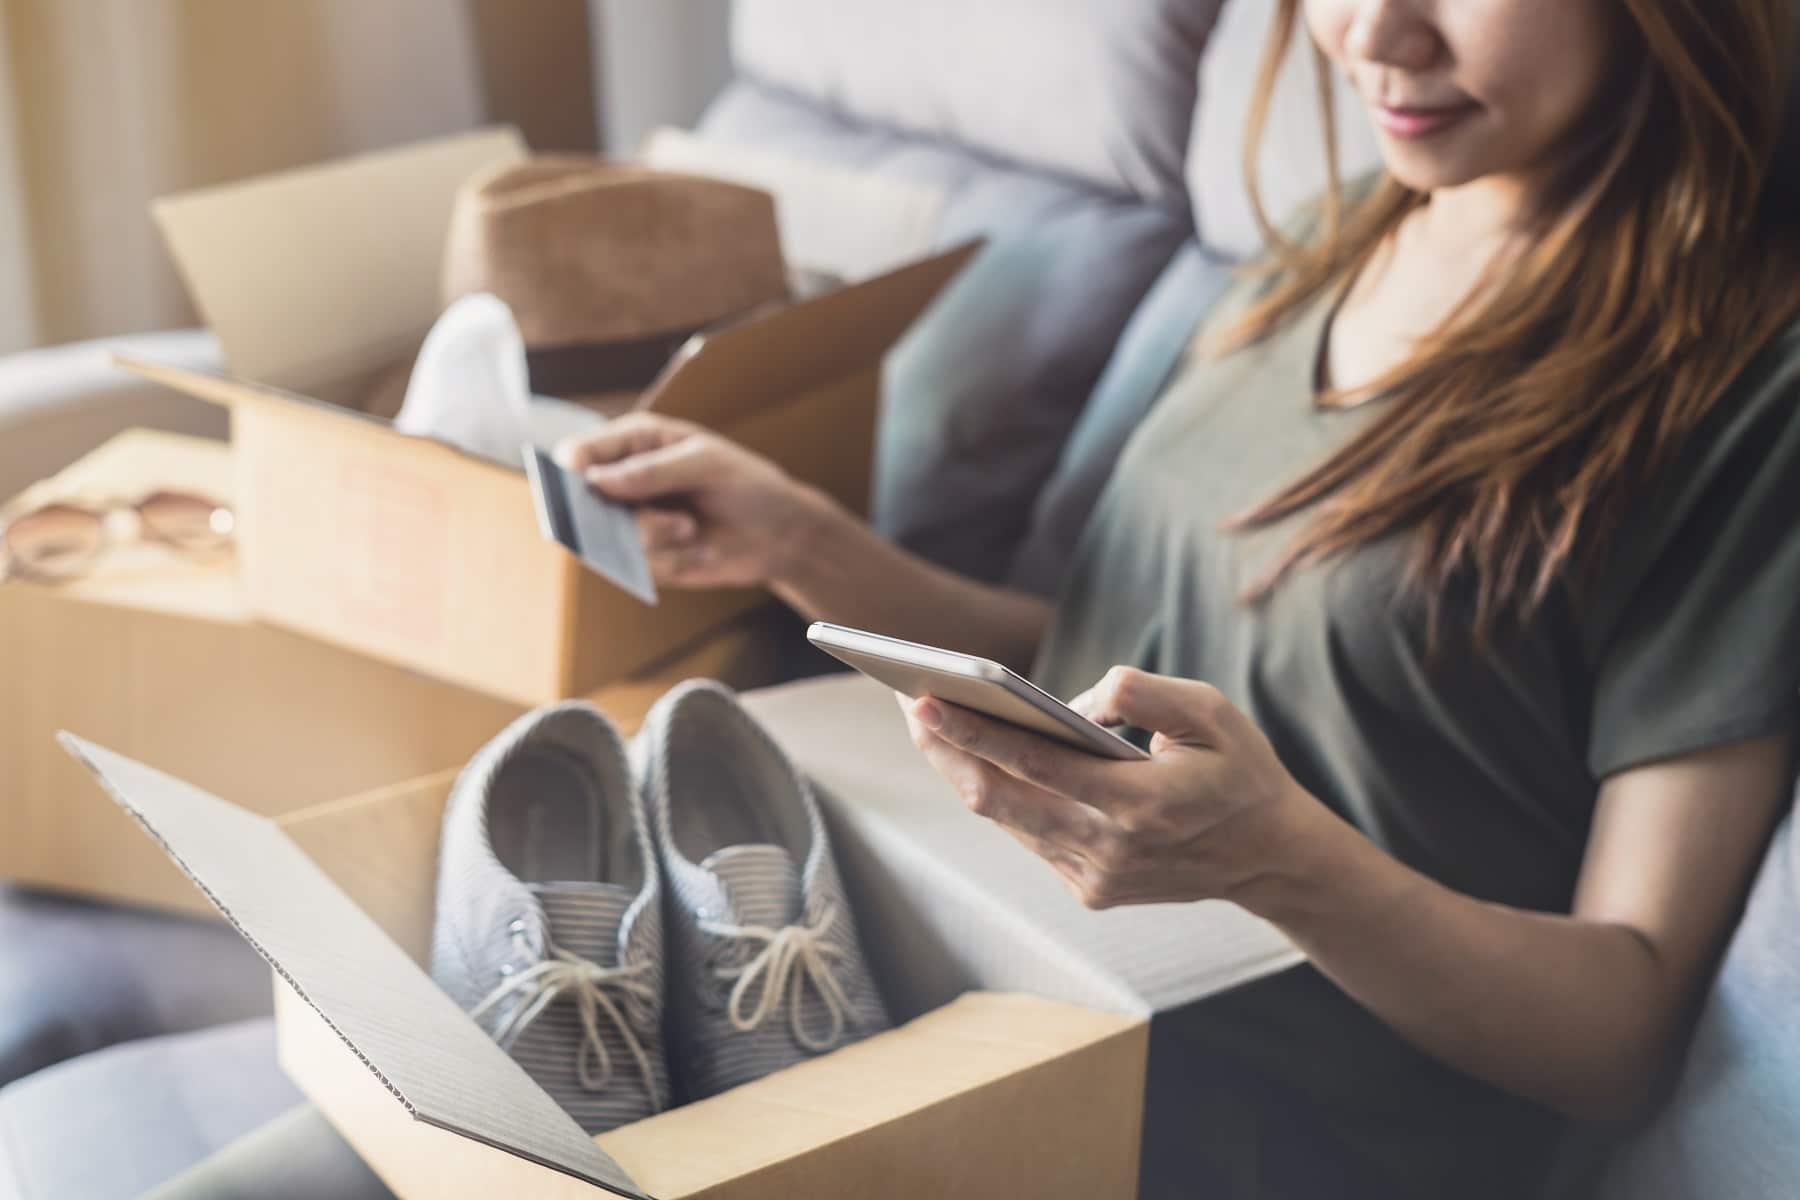 5 טיפים שיעזרו לכם להגדיל את המכירות לקראת חודש הקניות